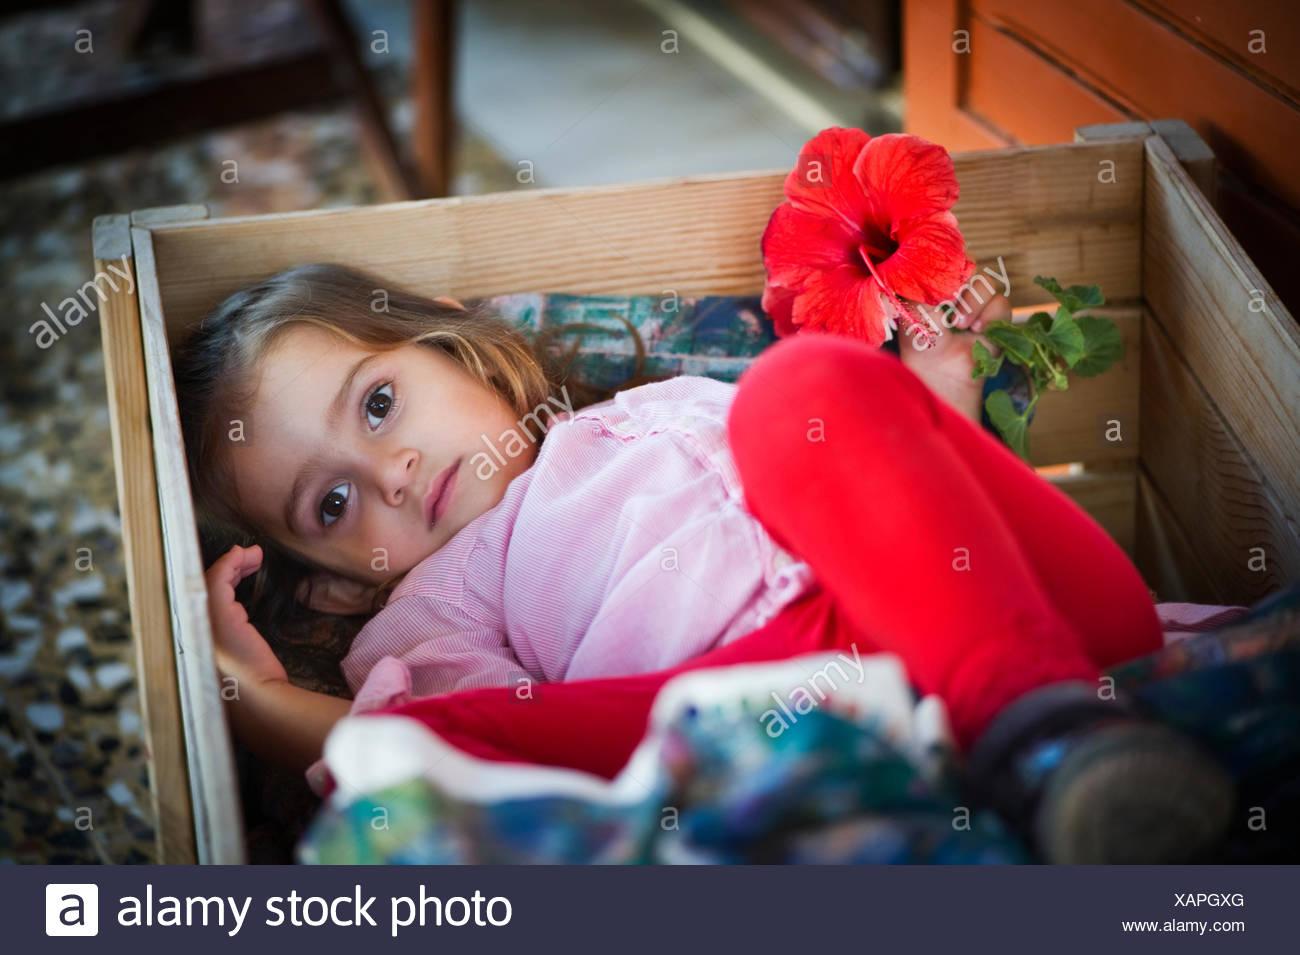 Griechenland, Ionische Inseln Peripherie, Kefalonia und Ithaka Präfektur, Mädchen (4-5) versteckt in box Stockbild